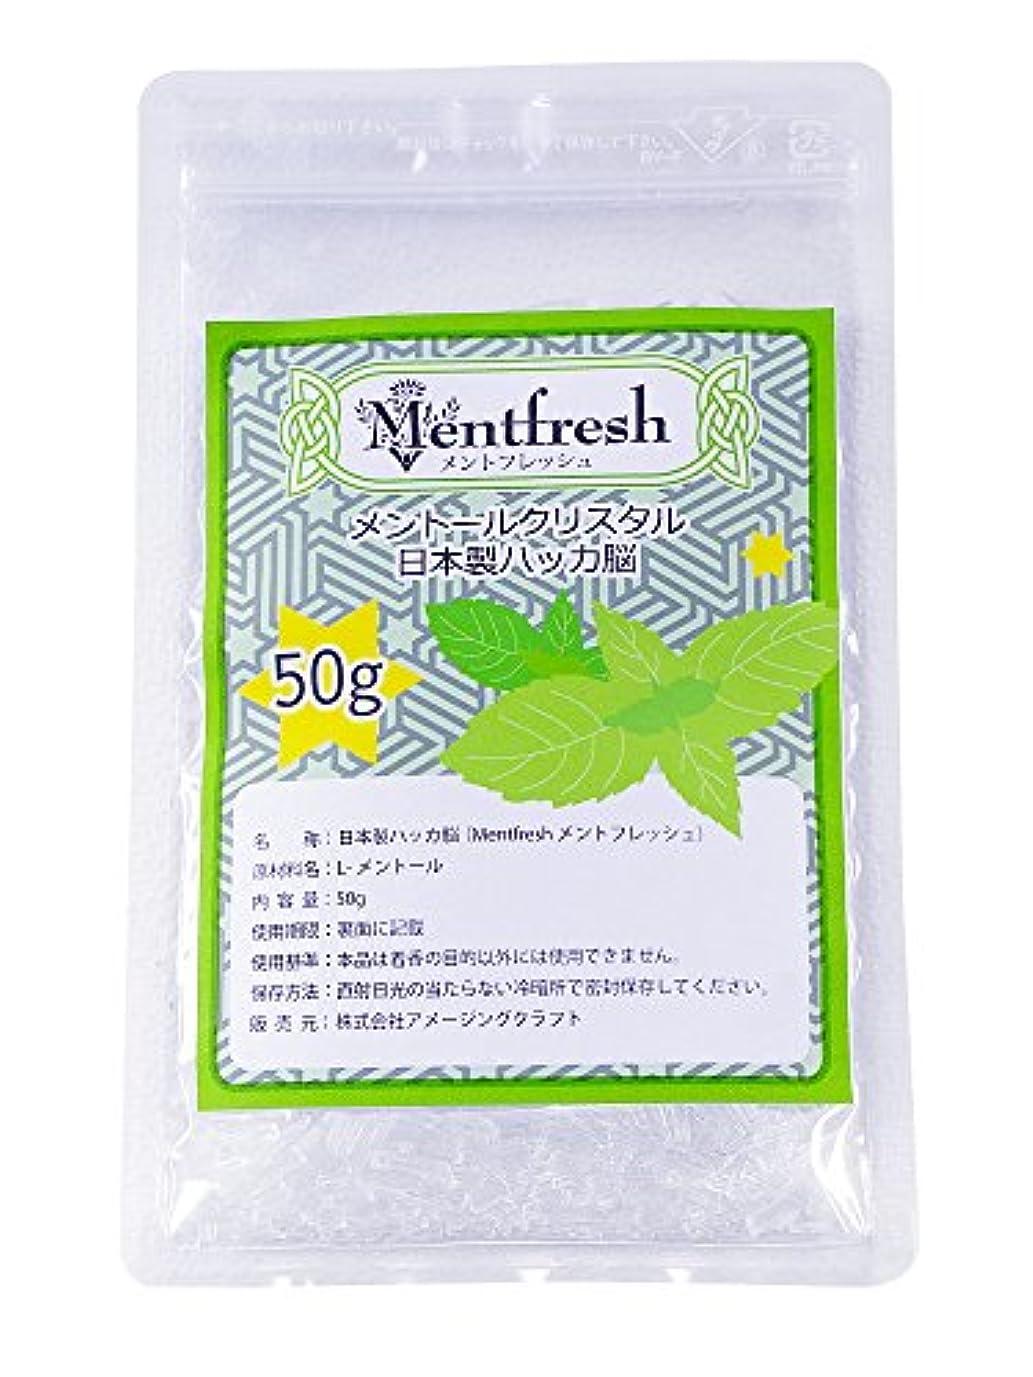 ピストル平衡習慣日本製 ハッカ結晶 メントフレッシュ メントールクリスタル (50g)